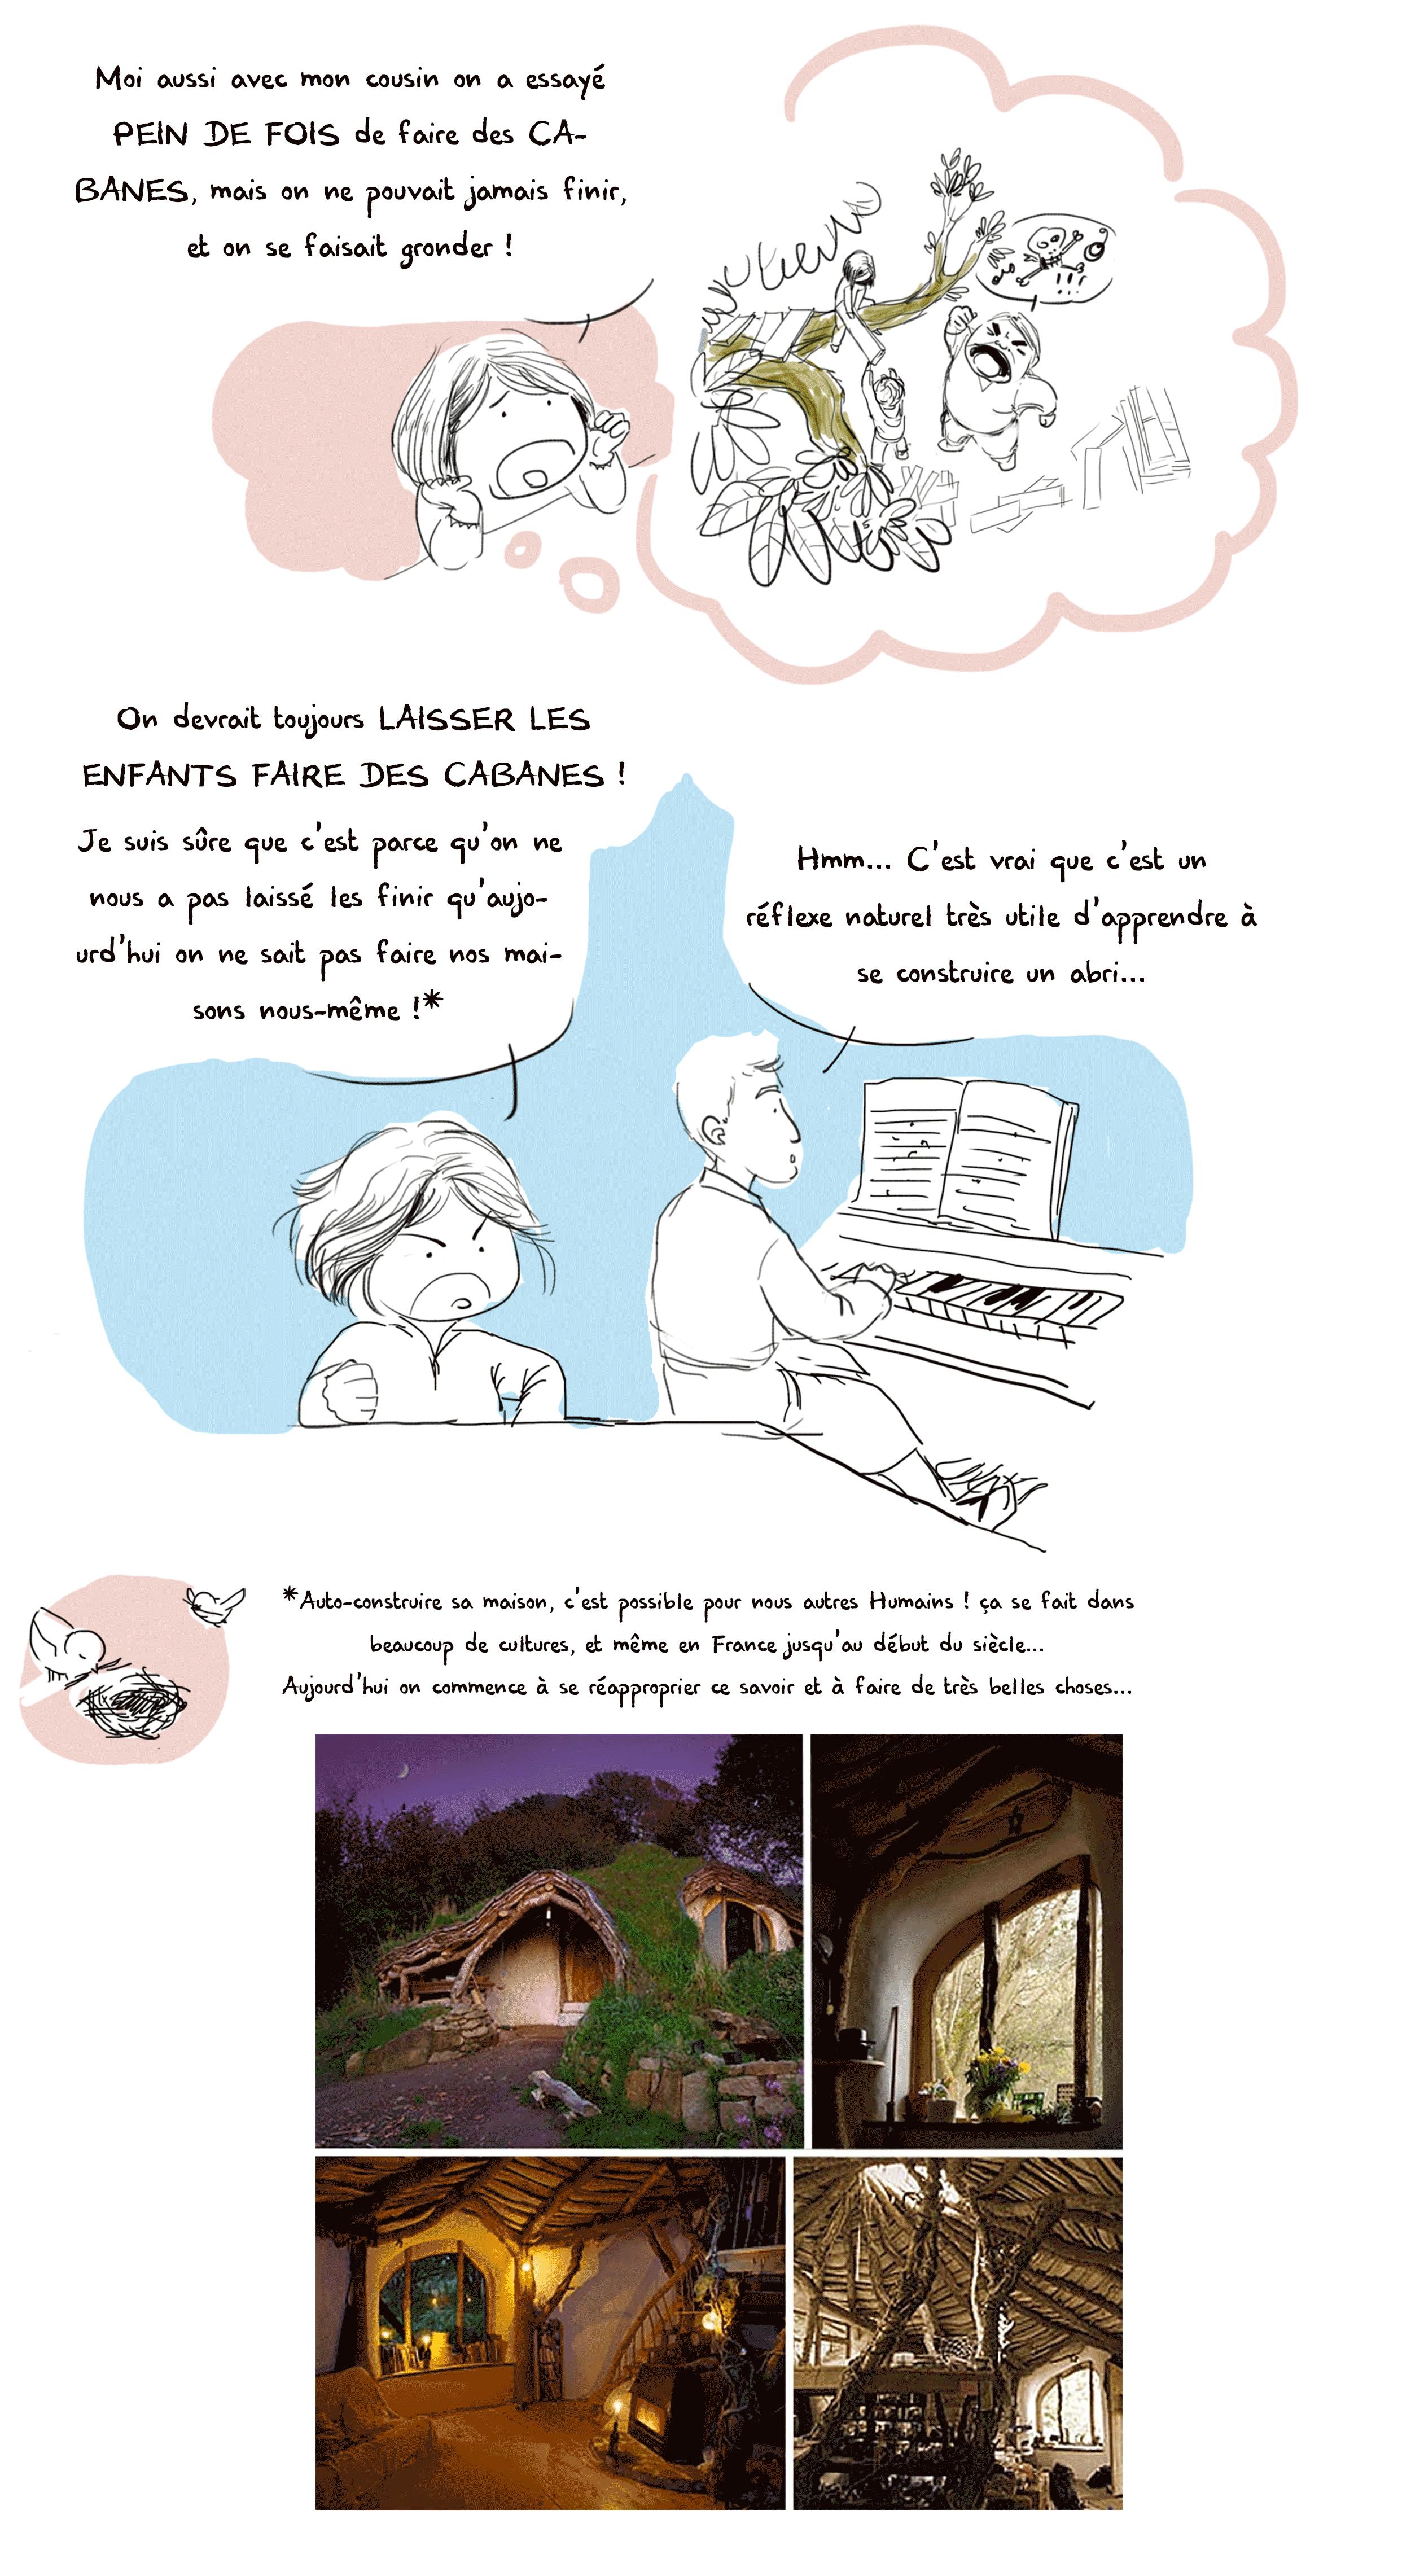 Partie 1 de la bande dessinée jeunesse d'Art-mella qui invite les enfants à prendre des risques.